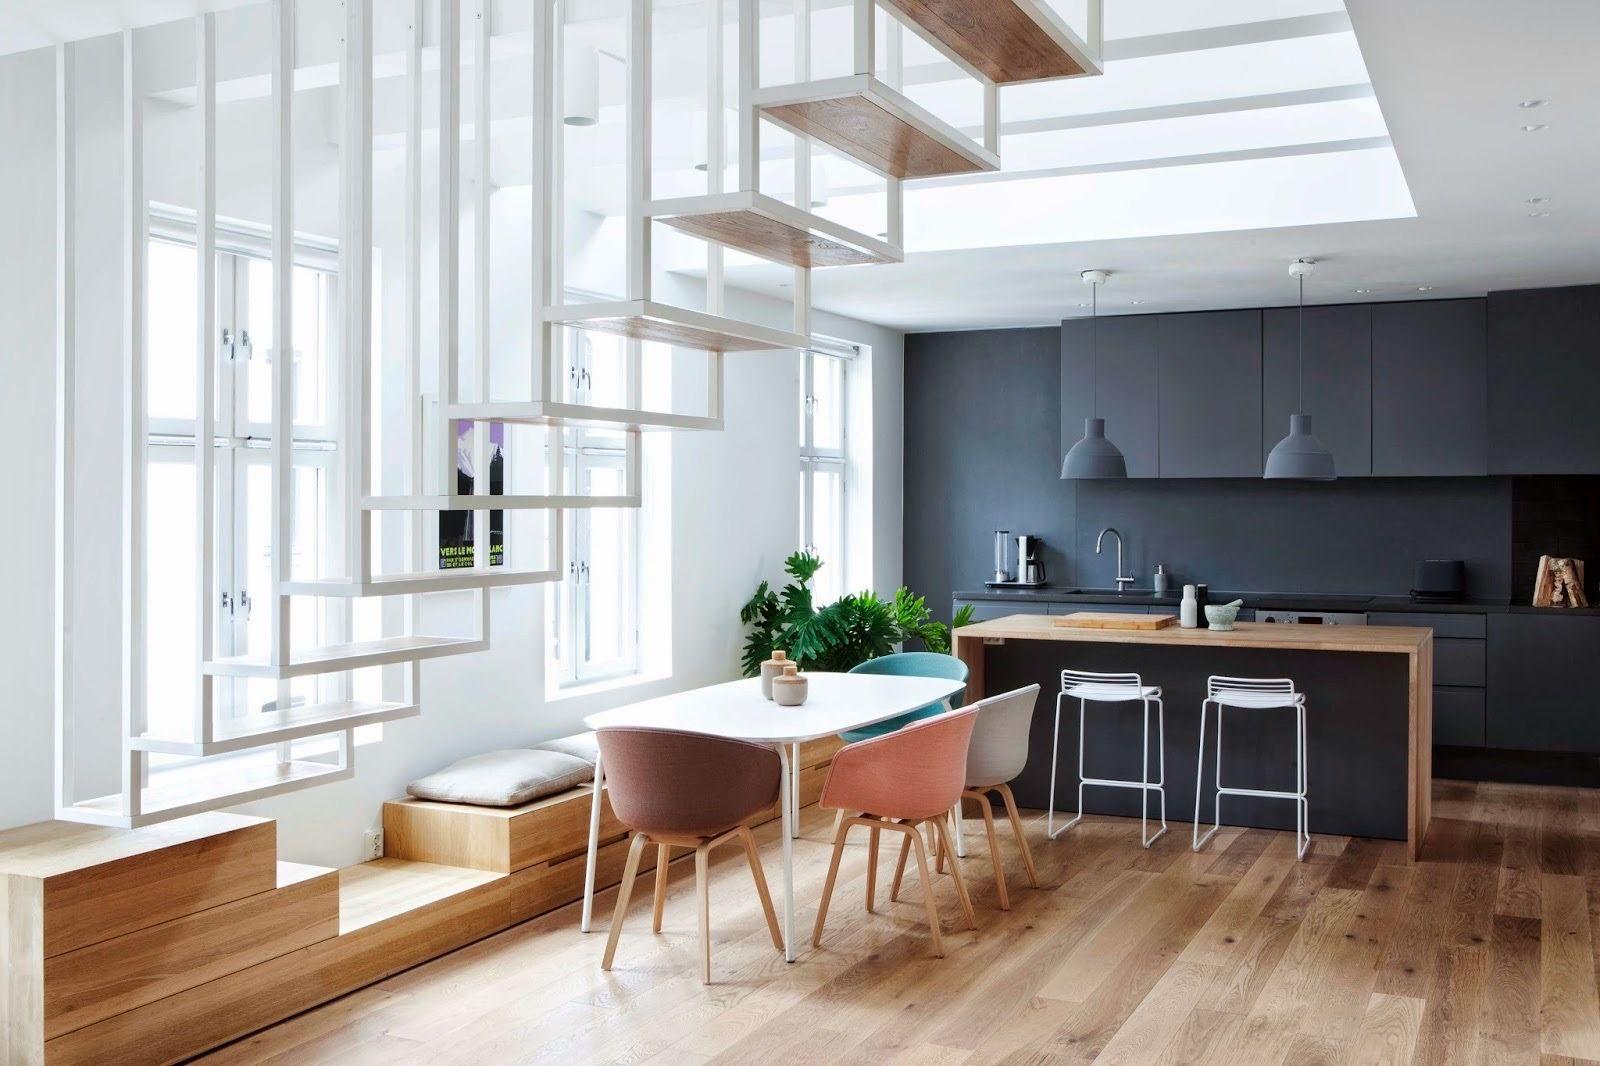 Escalier Modulaire Pas Cher Épinglé par scarlett and family sur architecture interieure